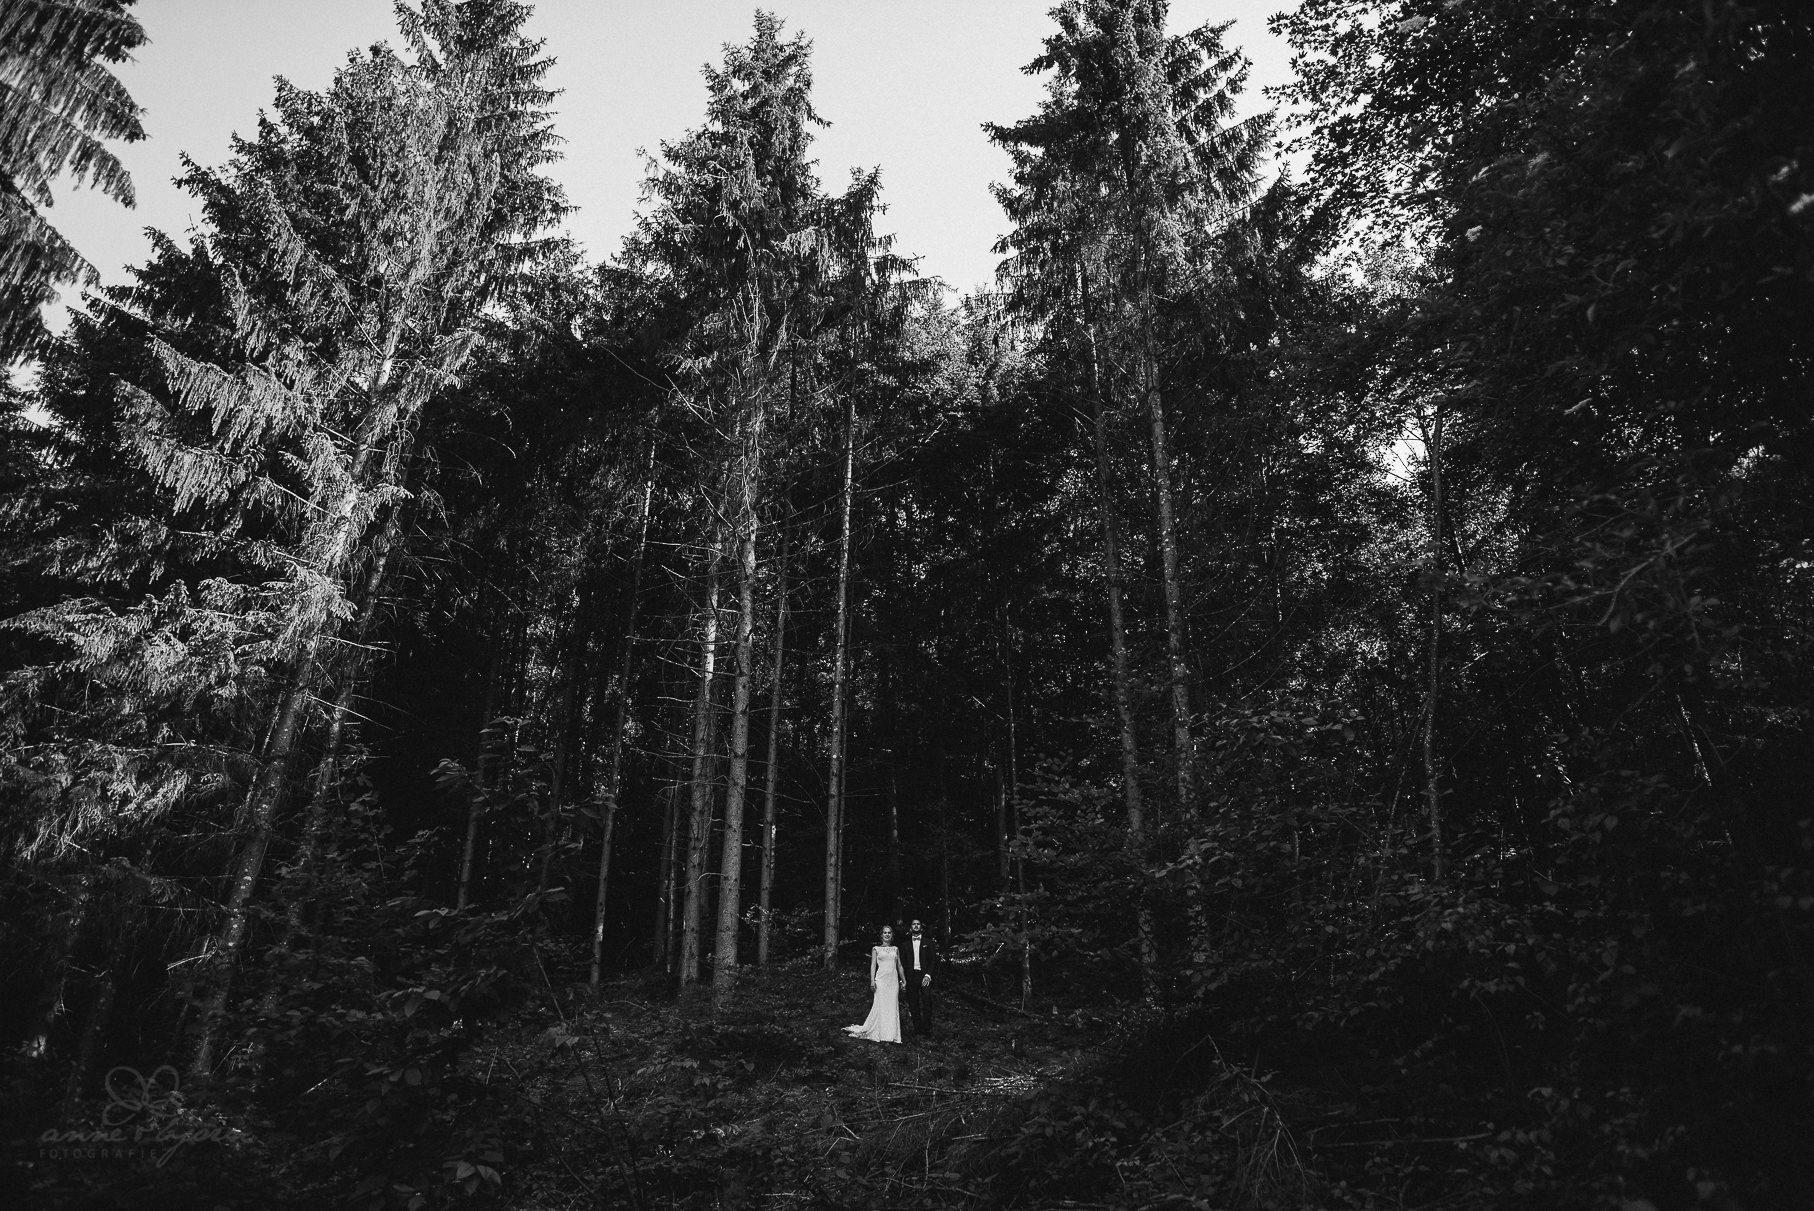 0100 anne und bjoern hochzeit schweiz 811 4562 - DIY Hochzeit in der Schweiz - Sabrina & Christoph